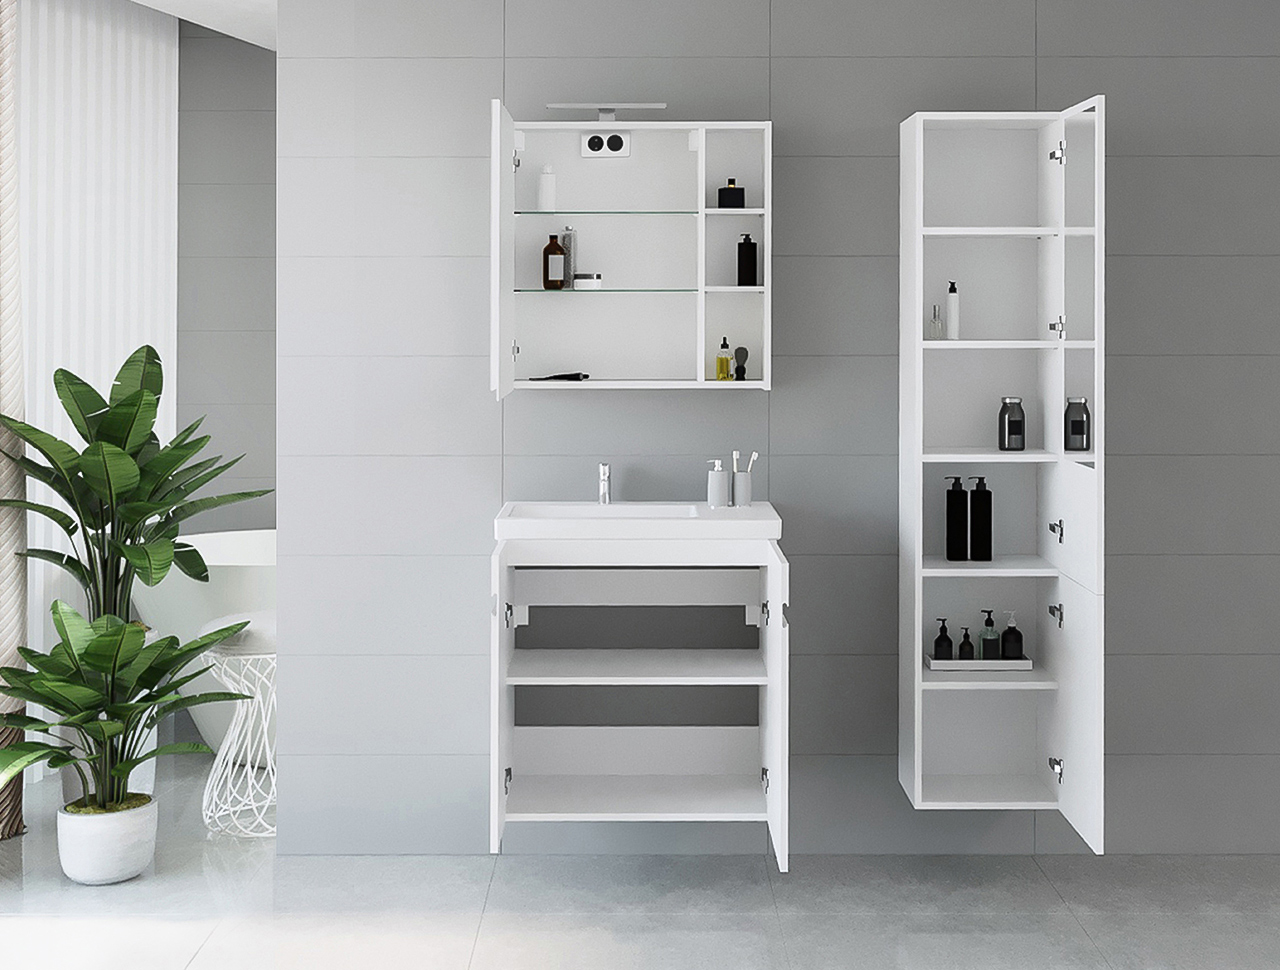 Decor-M-kolekcija-RIVA-vonios-kambario-baldai-1